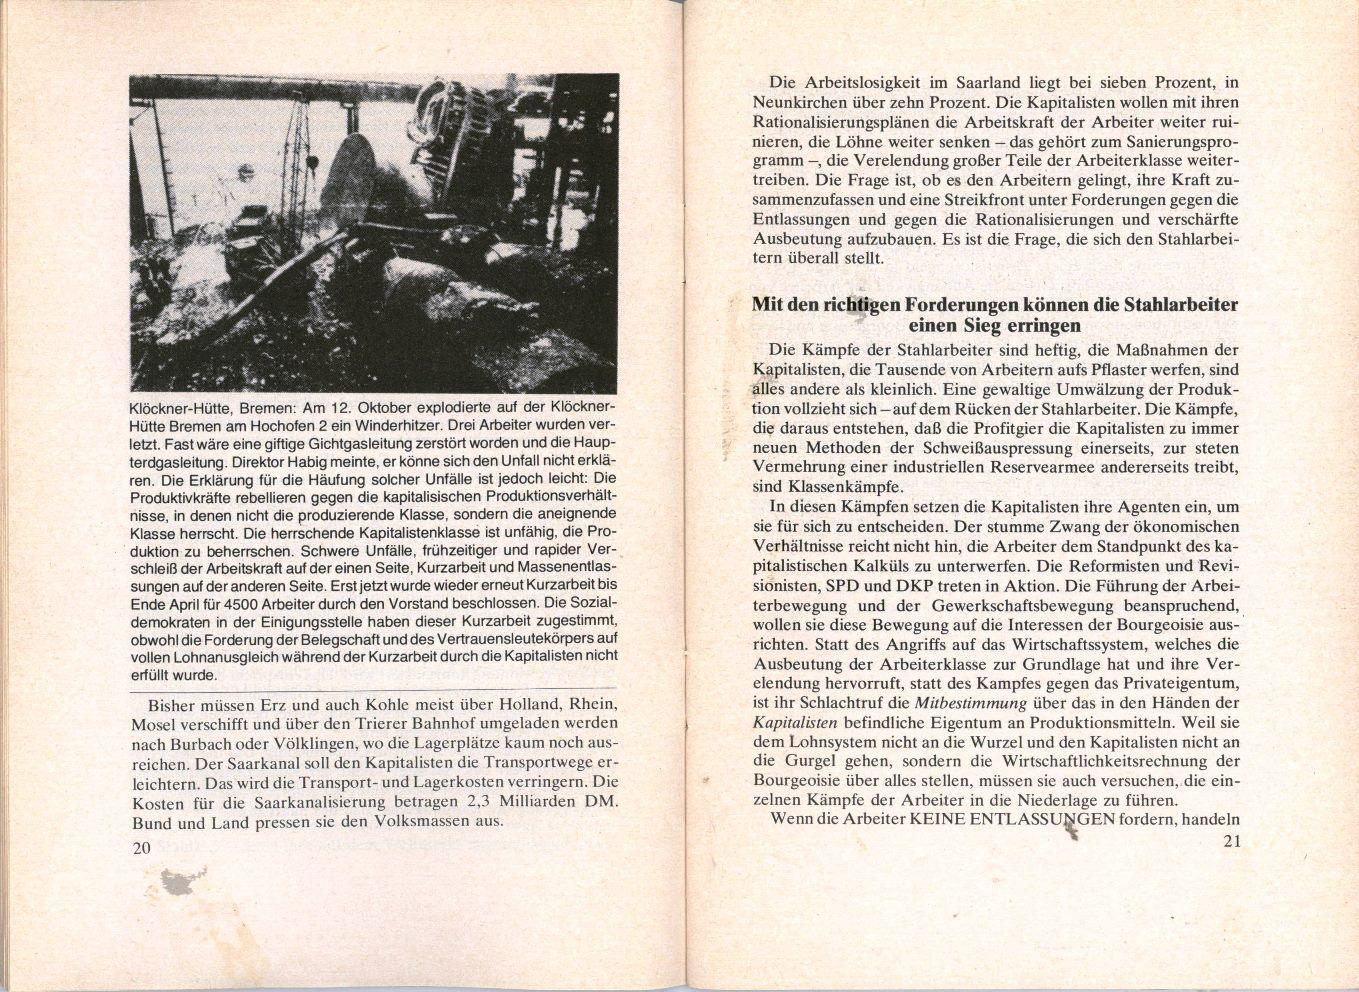 IGM_KBW_Krise_in_der_Stahlindustrie_1977_12